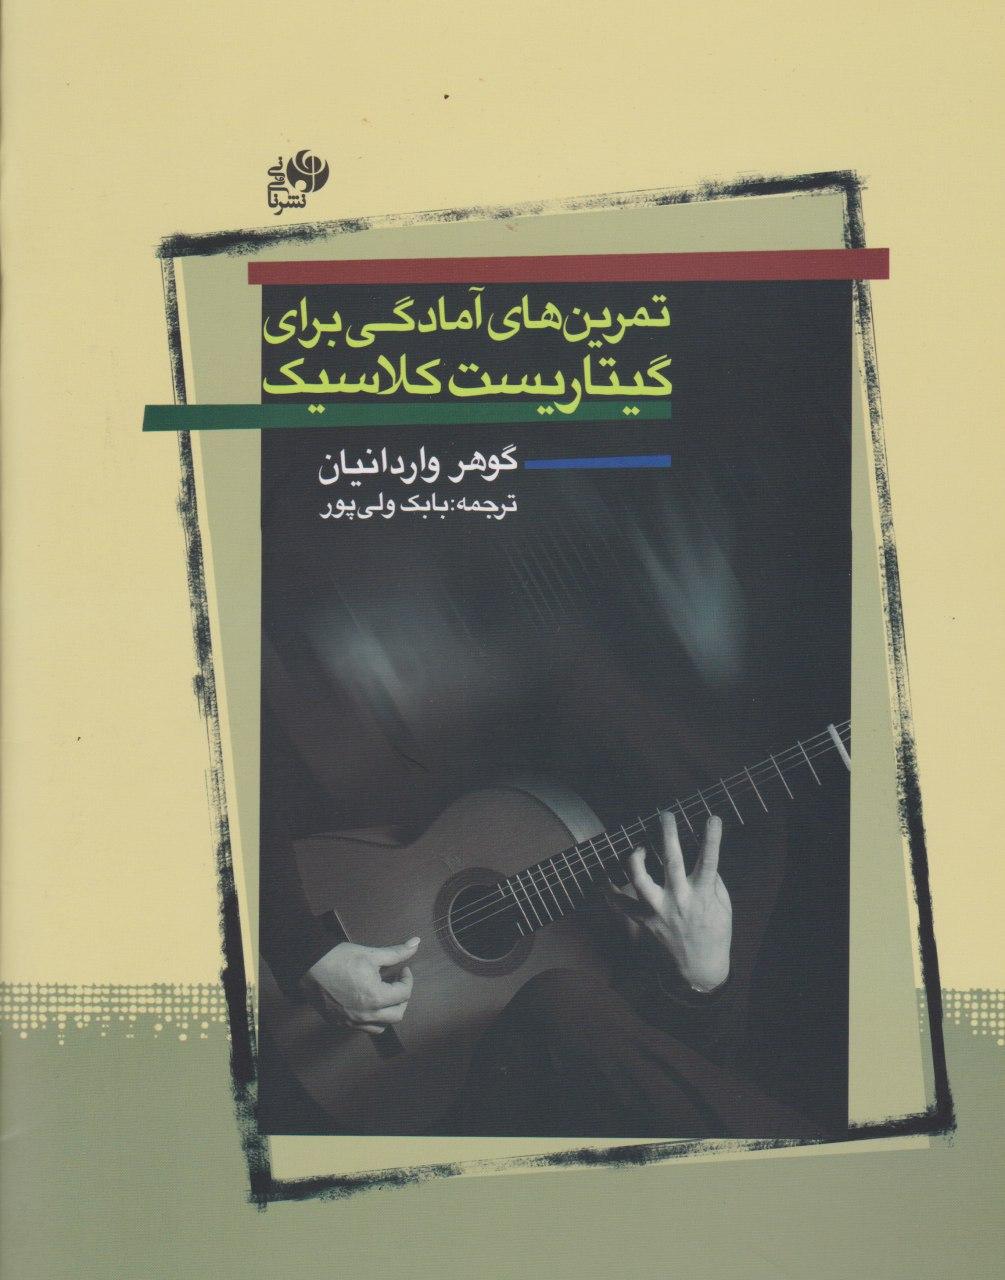 کتاب تمرینهای آمادگی برای گیتاریست کلاسیک گوهر واردانیان انتشارات نای و نی